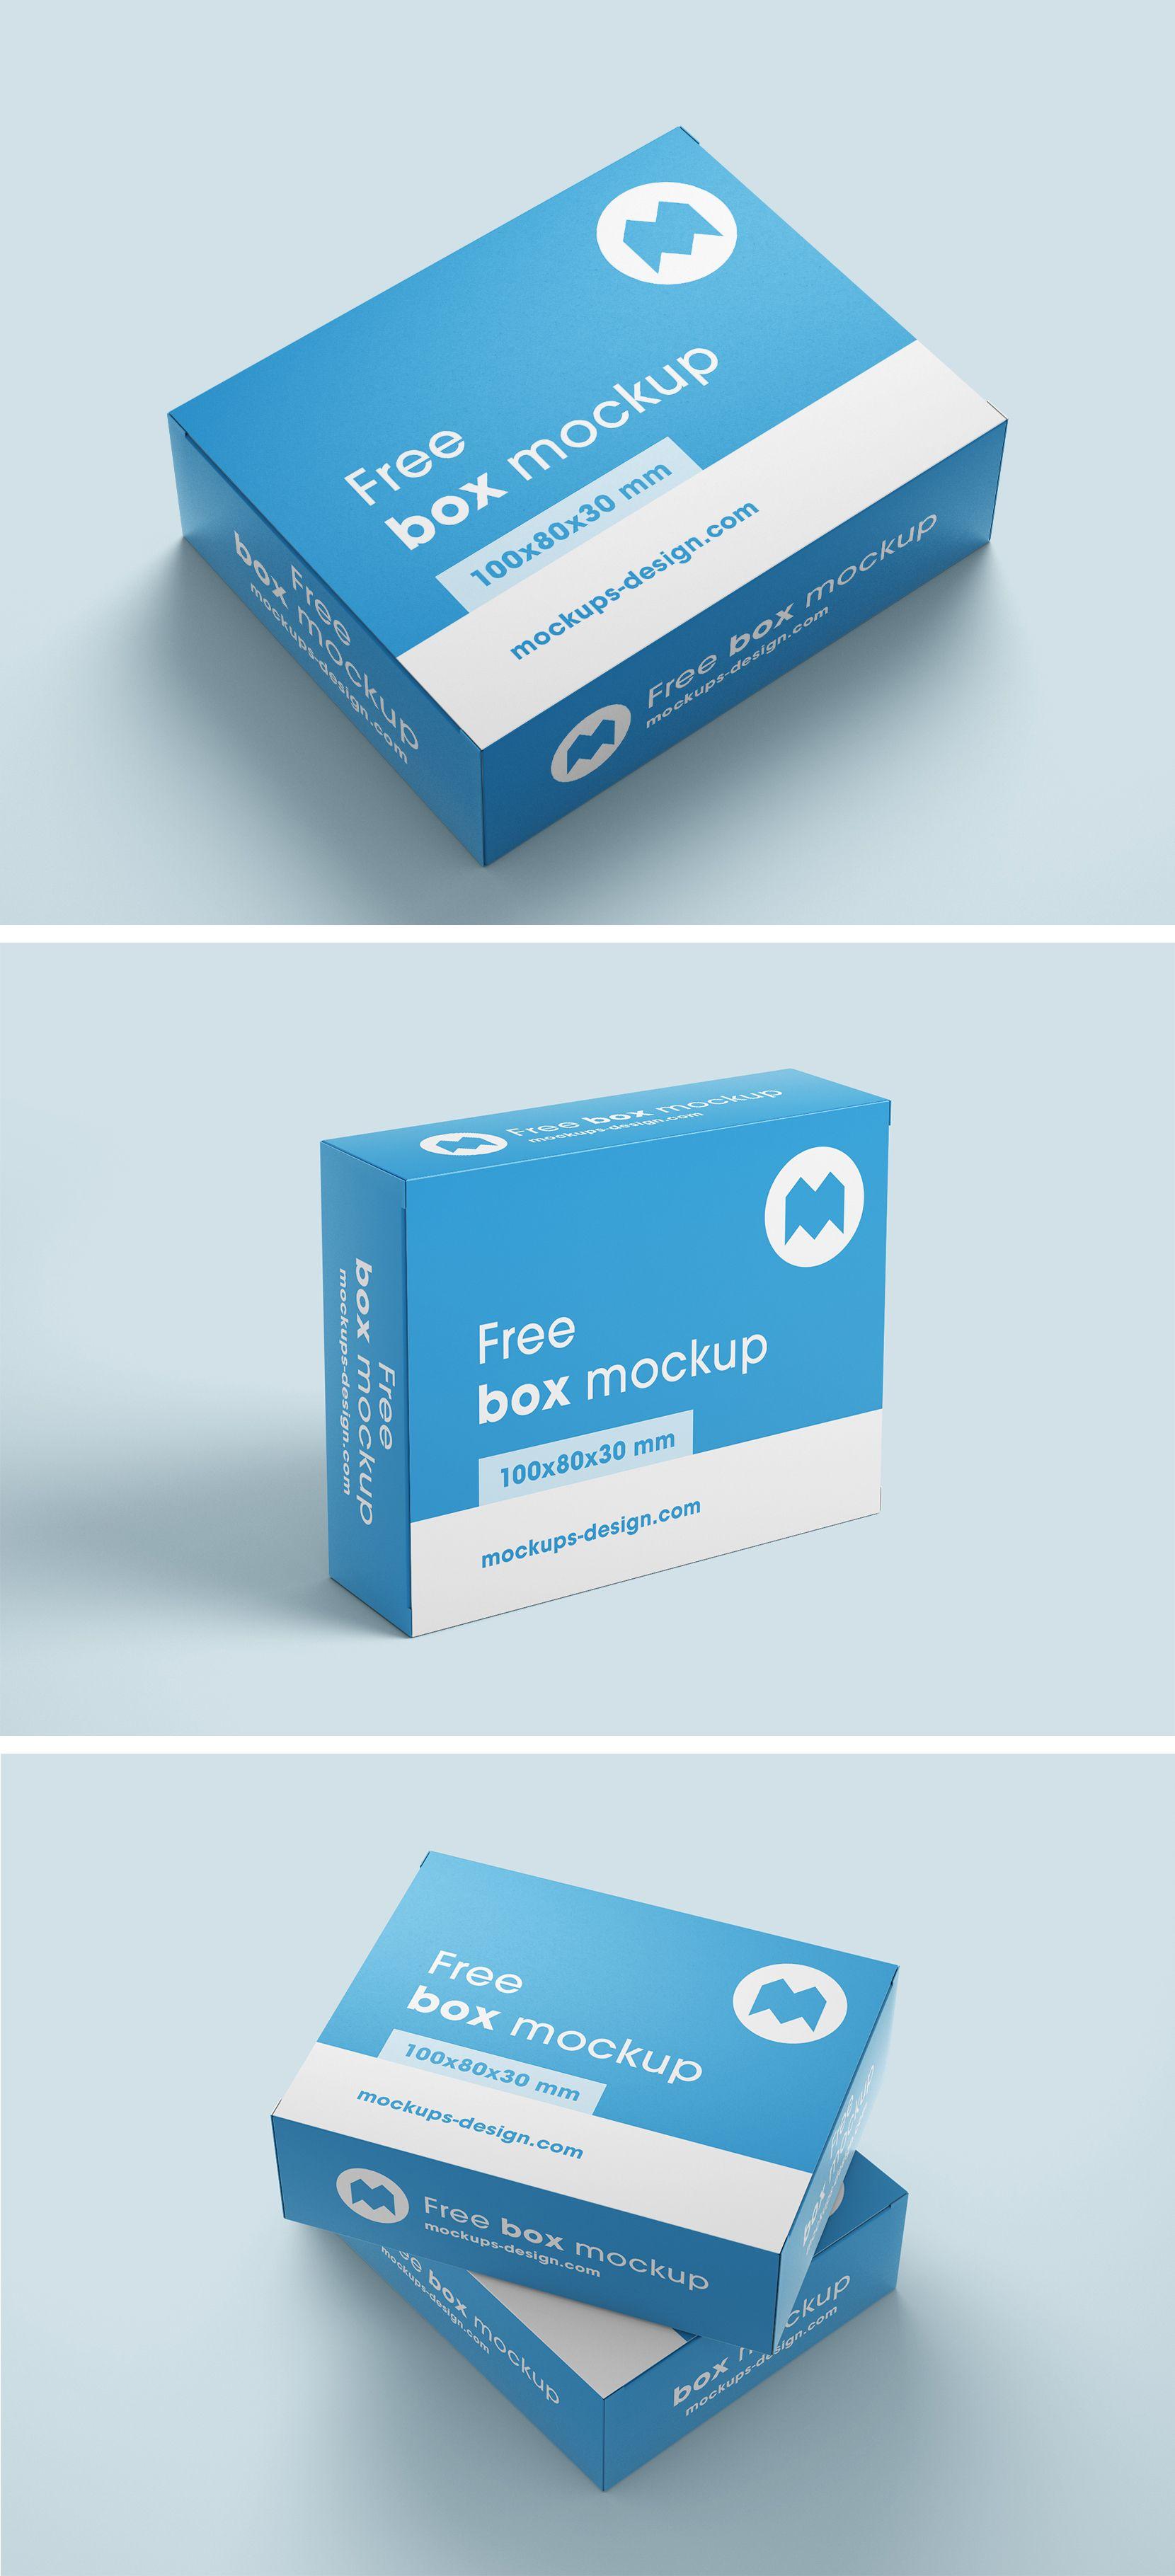 Download Free Box Mockup Box Mockup Free Boxes Free Mockup